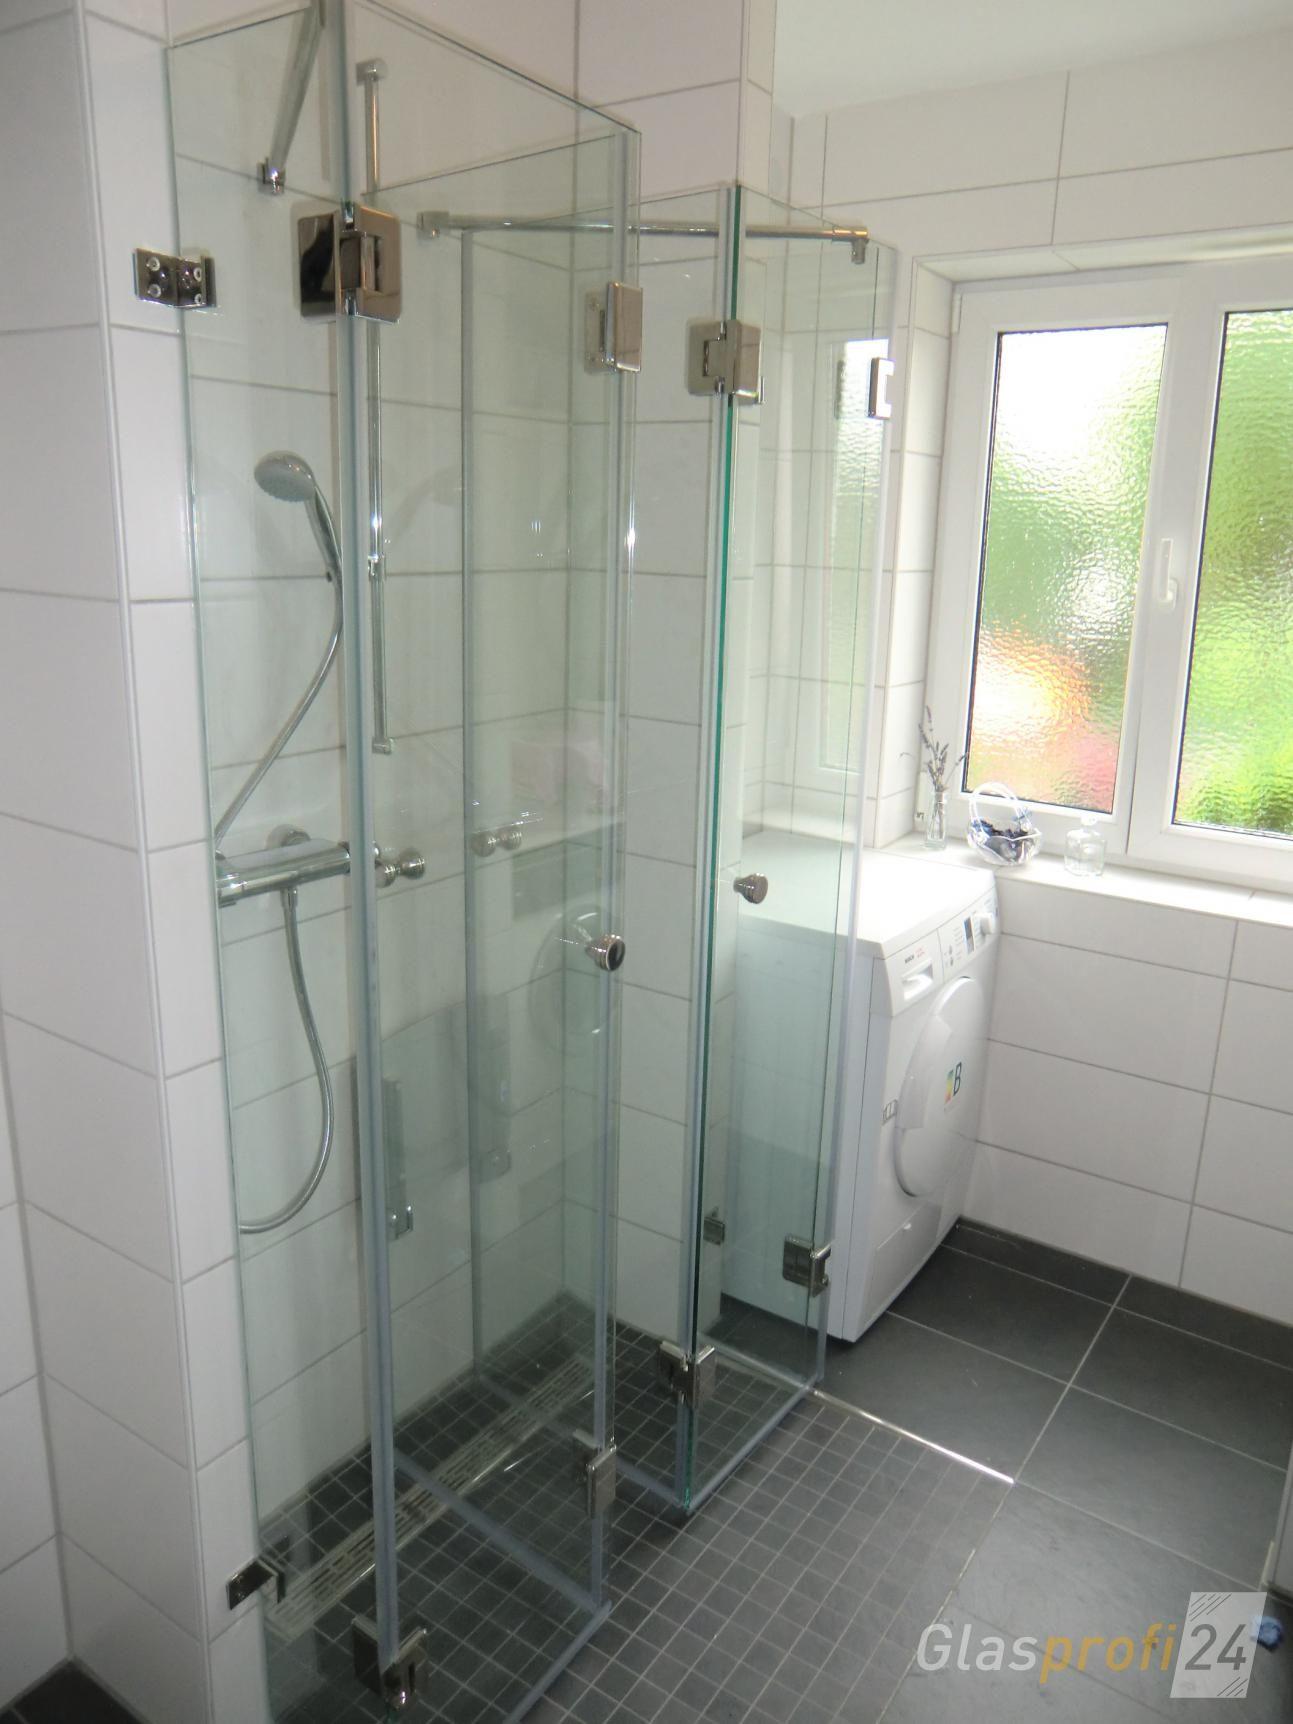 Full Size of Faltbare Duschkabine Aus Glas Glasprofi24 Dusche Ebenerdige Kosten Badewanne Begehbare Ohne Tür Eckeinstieg Mischbatterie Nischentür Bodenebene Dusche Glaswand Dusche